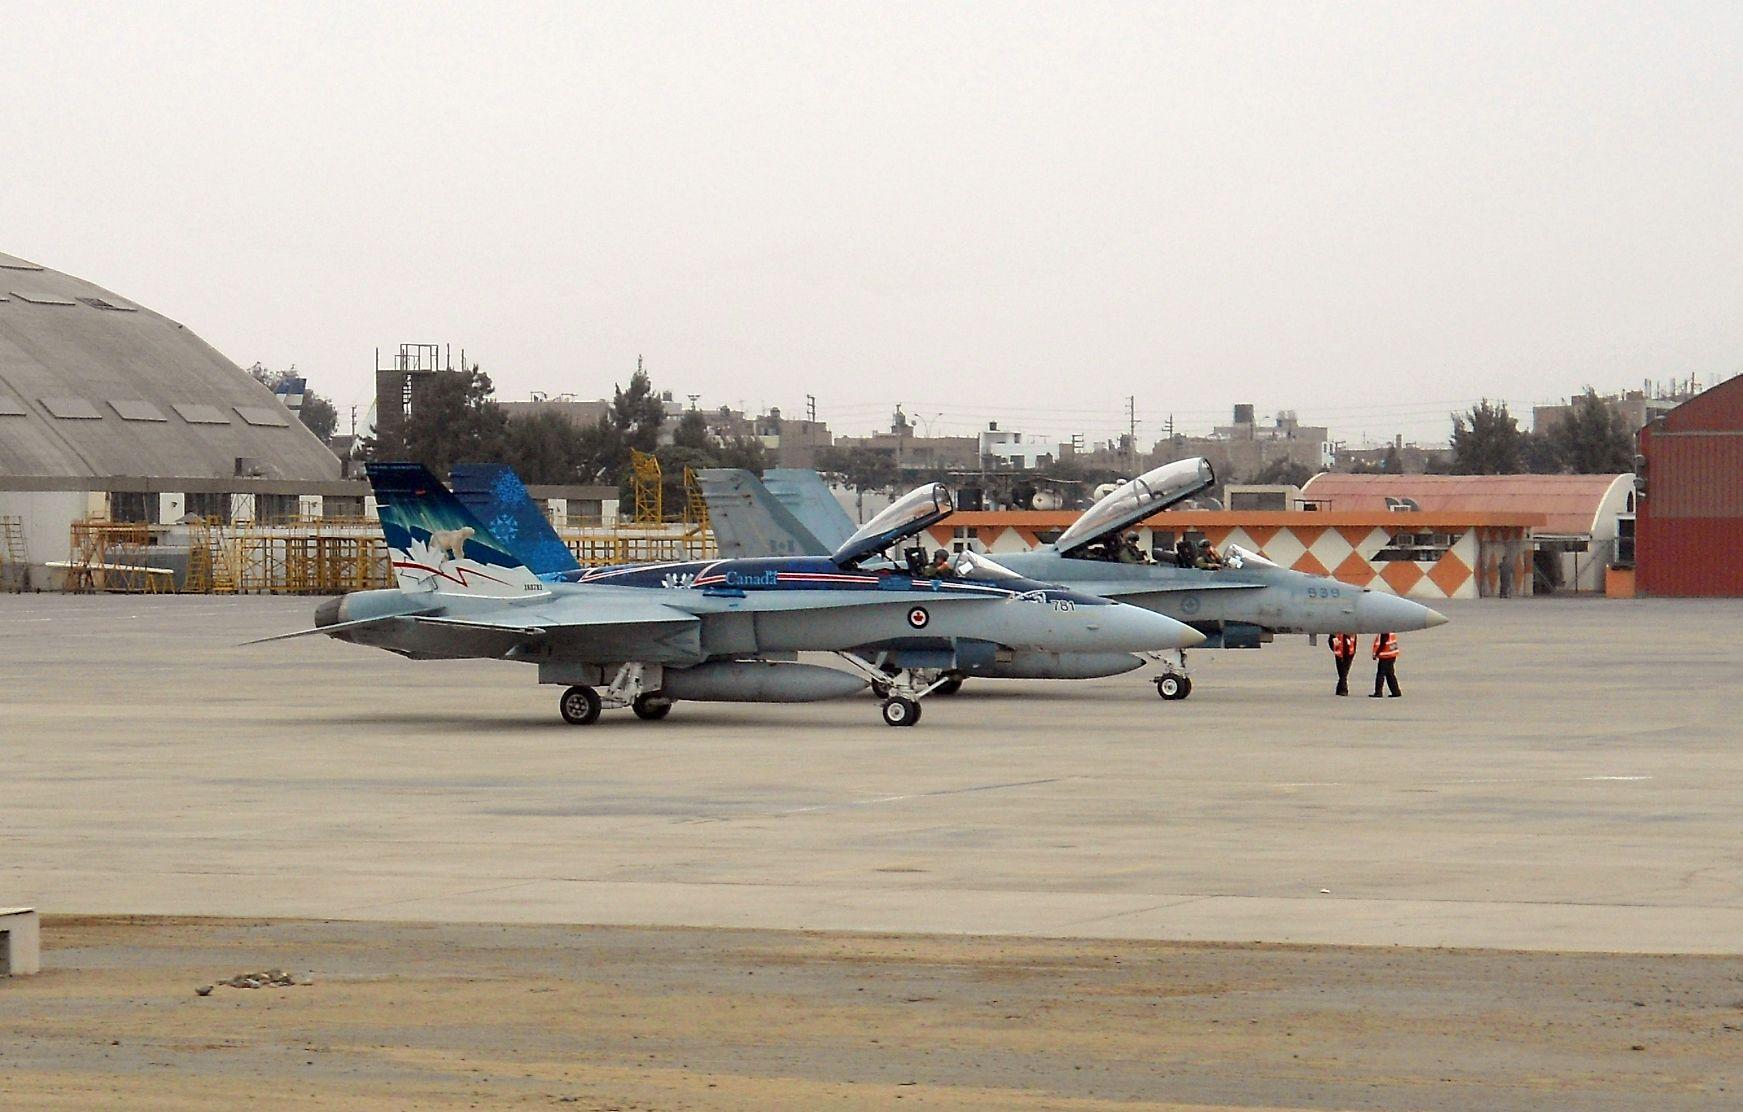 2 F-18 Hornet en de la Fuerza Áerea Canadiense en la Base Áerea Lima-Callao(Perú),minutos antes de la puesta en marcha de motores | Hispaviación 2.0